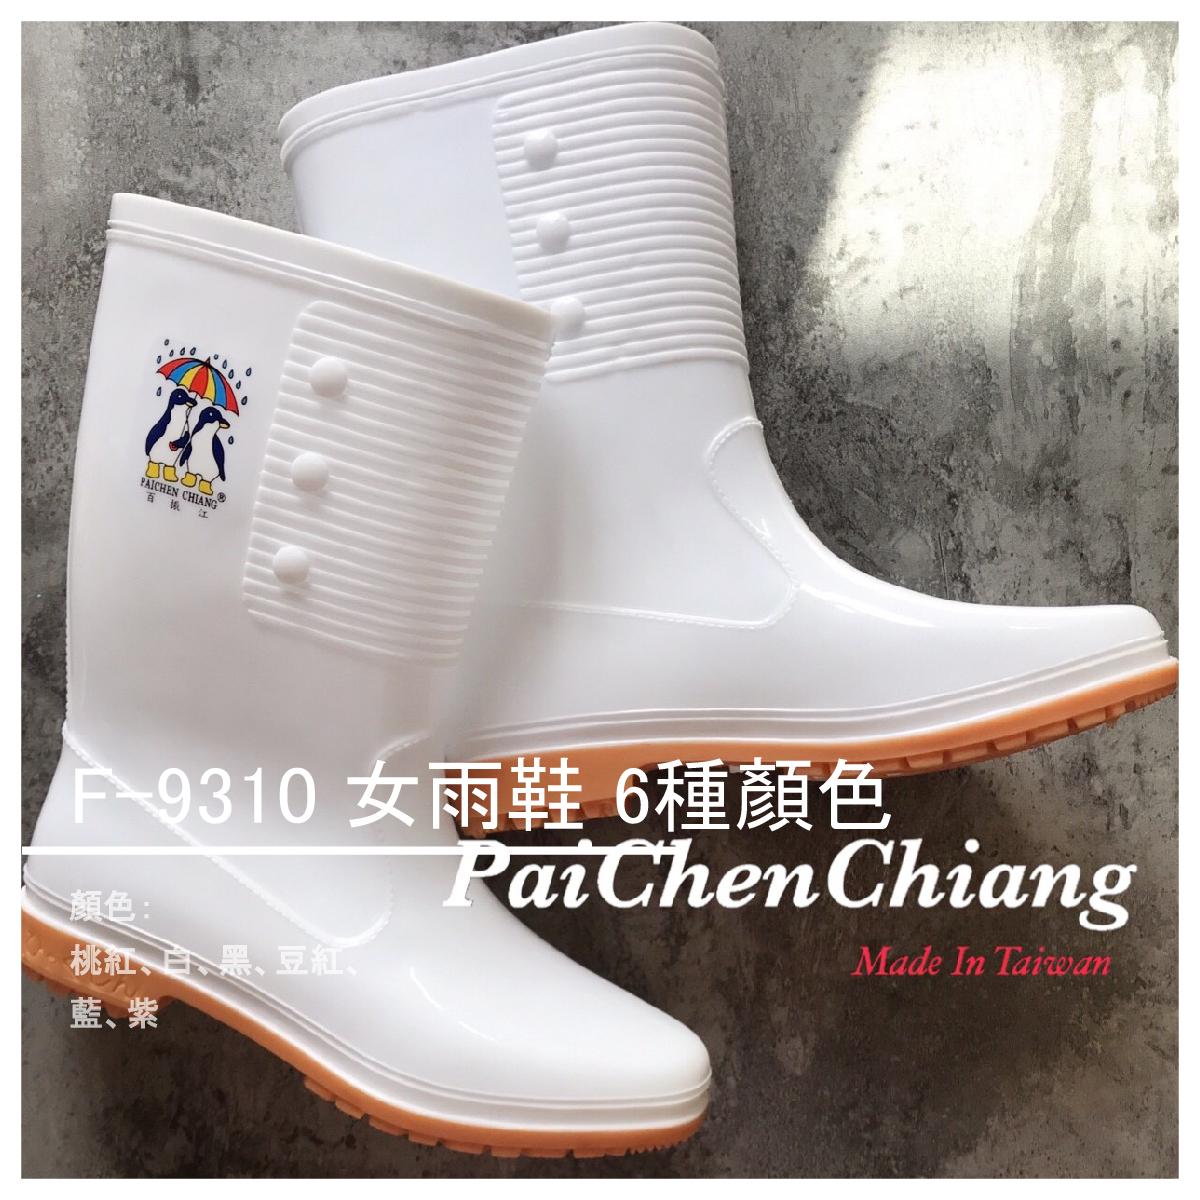 【百振江雨鞋】F-9310 女雨鞋 6種顏色